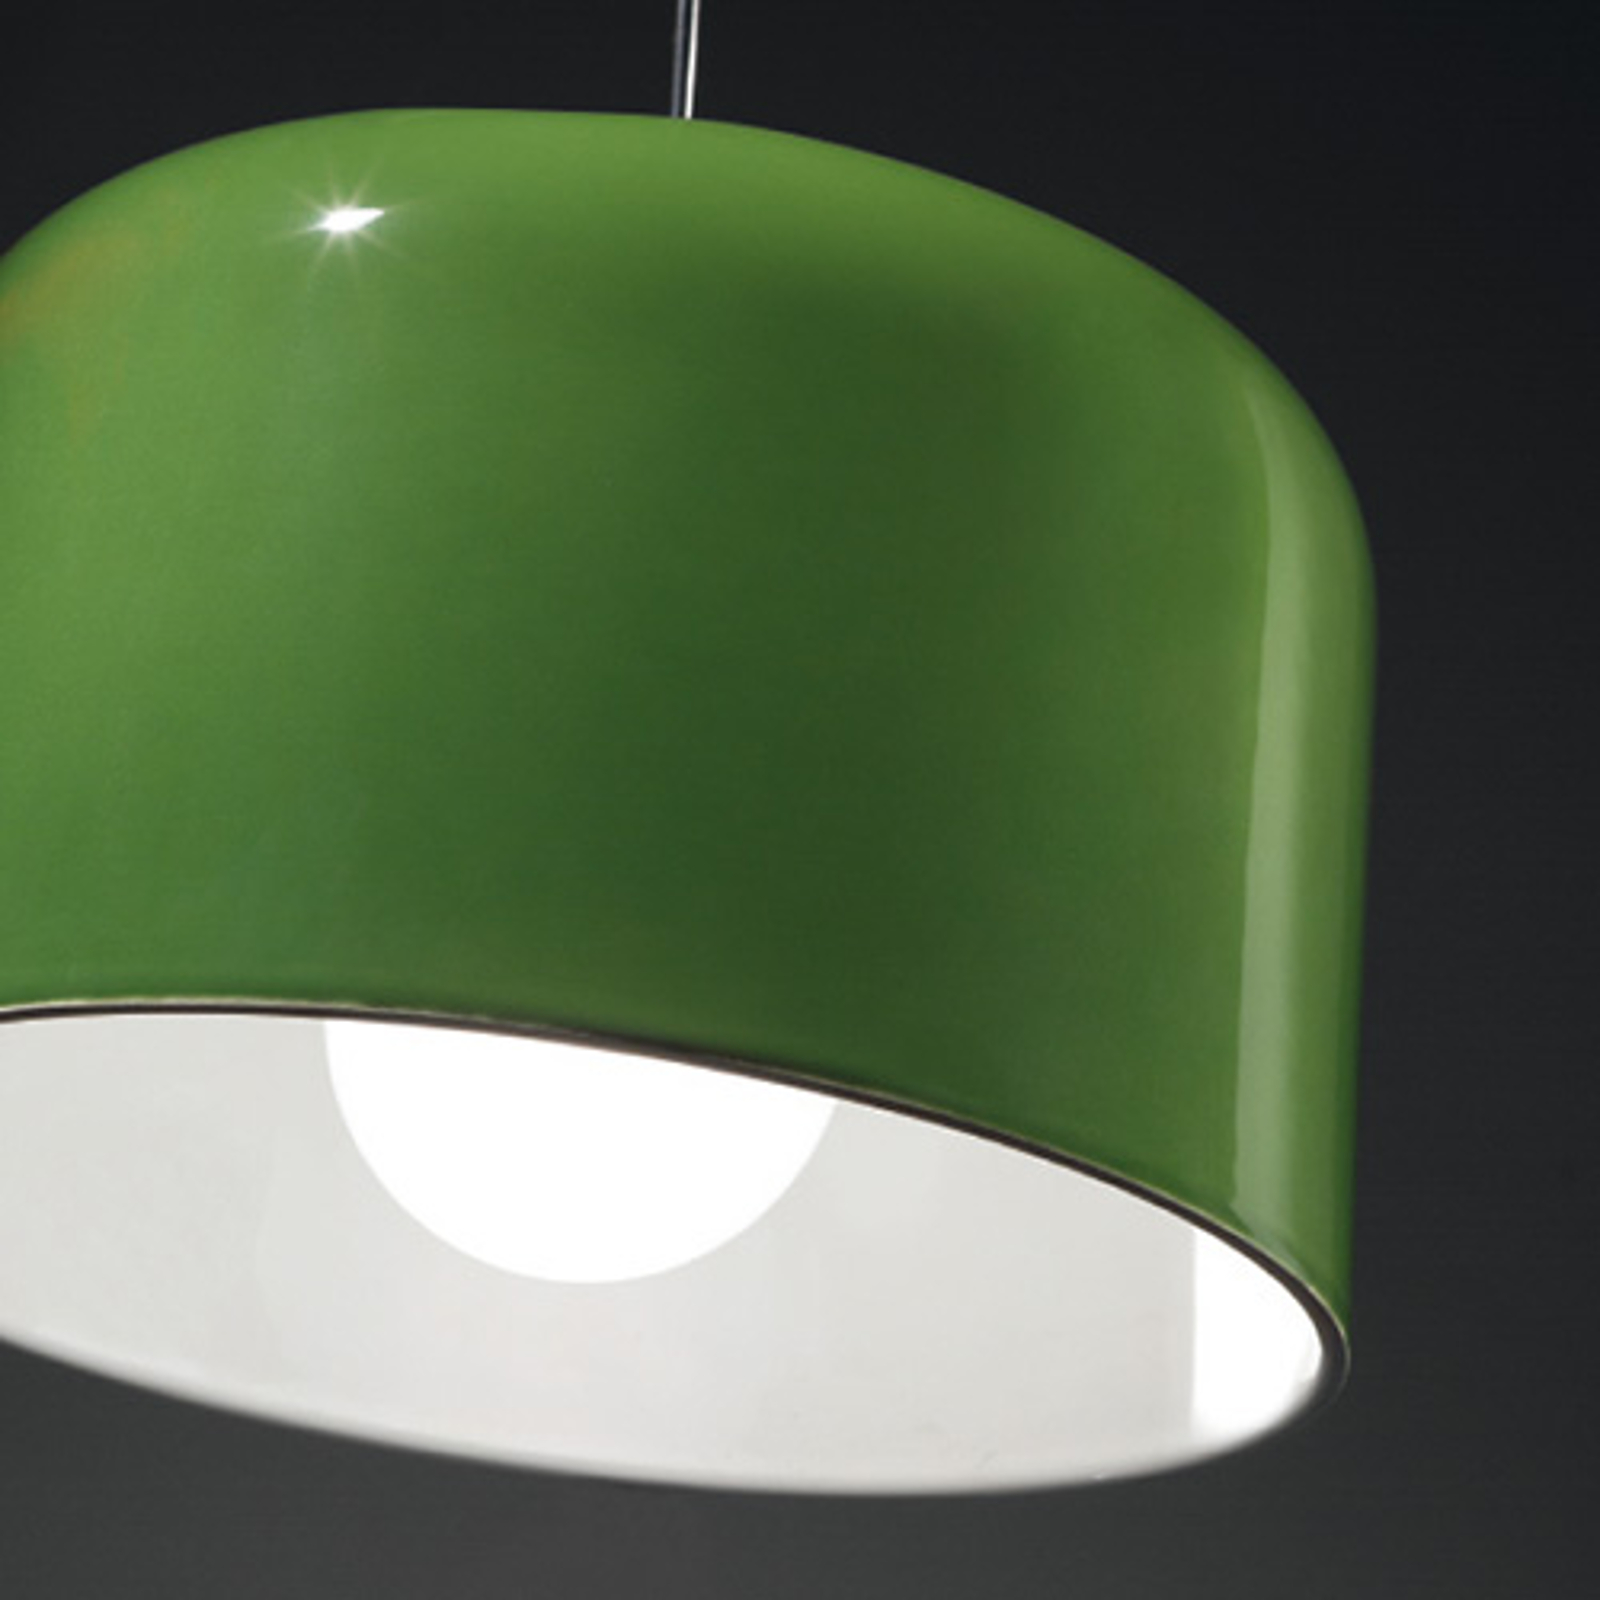 Grün glänzende Keramik-Hängeleuchte Add